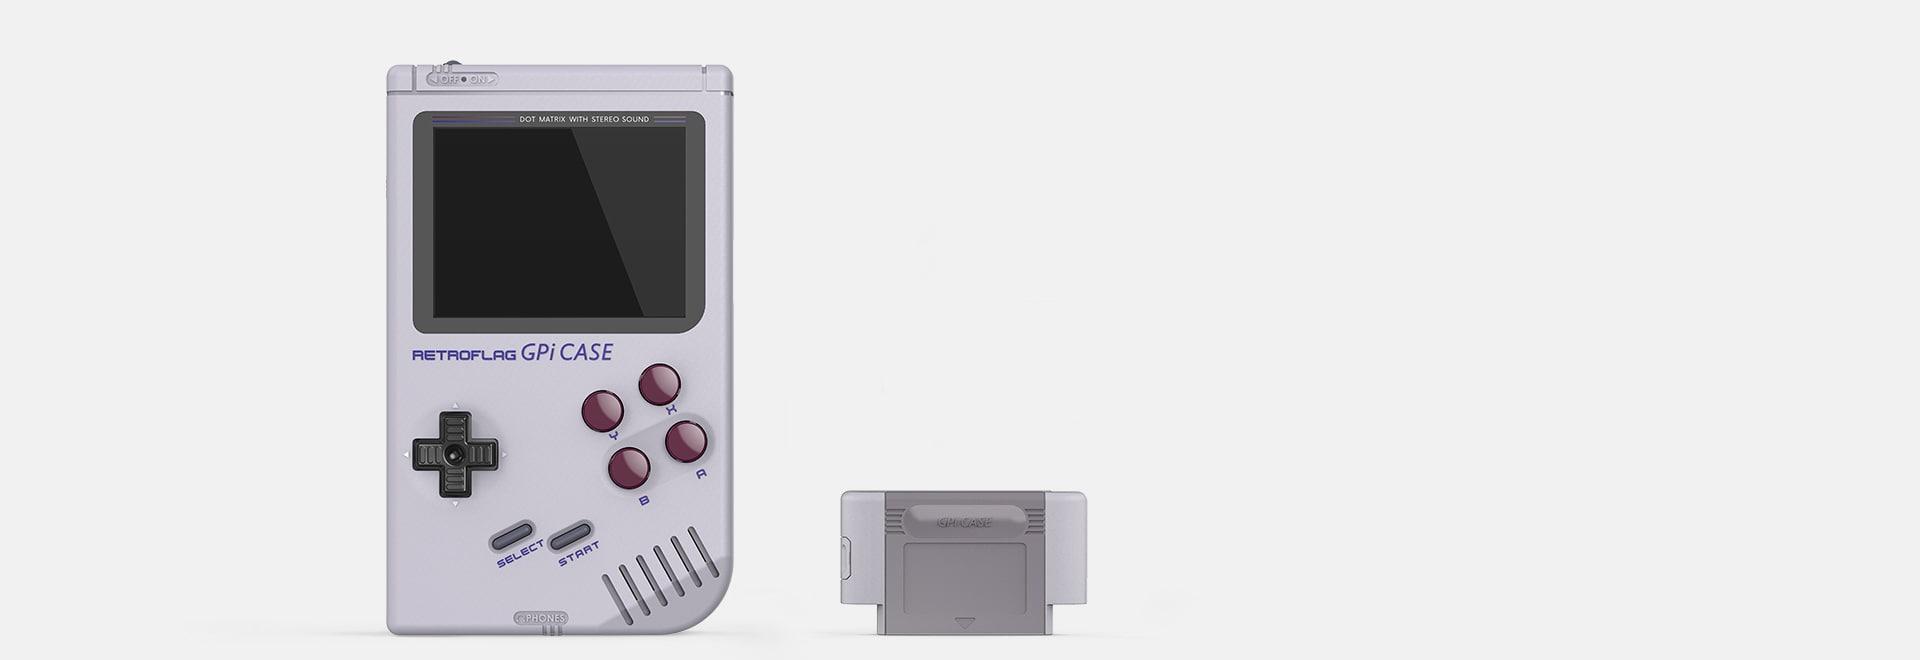 Pocket Chip Emulator